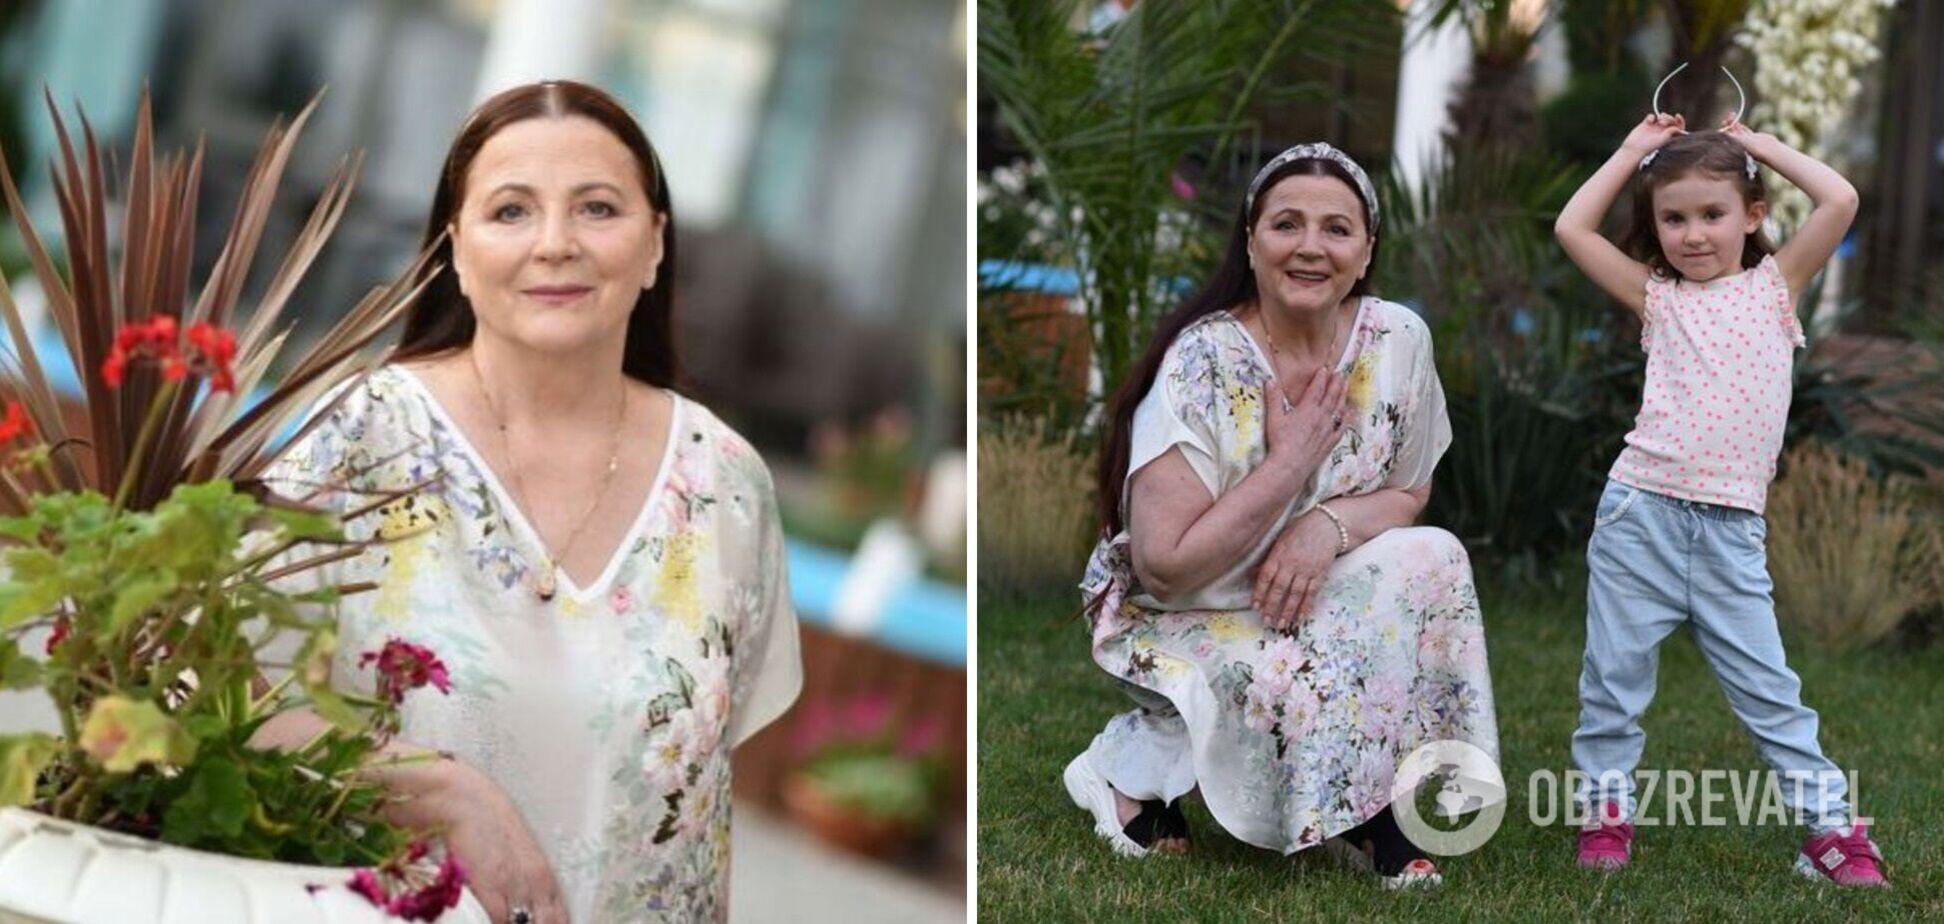 Ніна Матвієнко поділилася своїм секретом оптимізму і міцного здоров'я